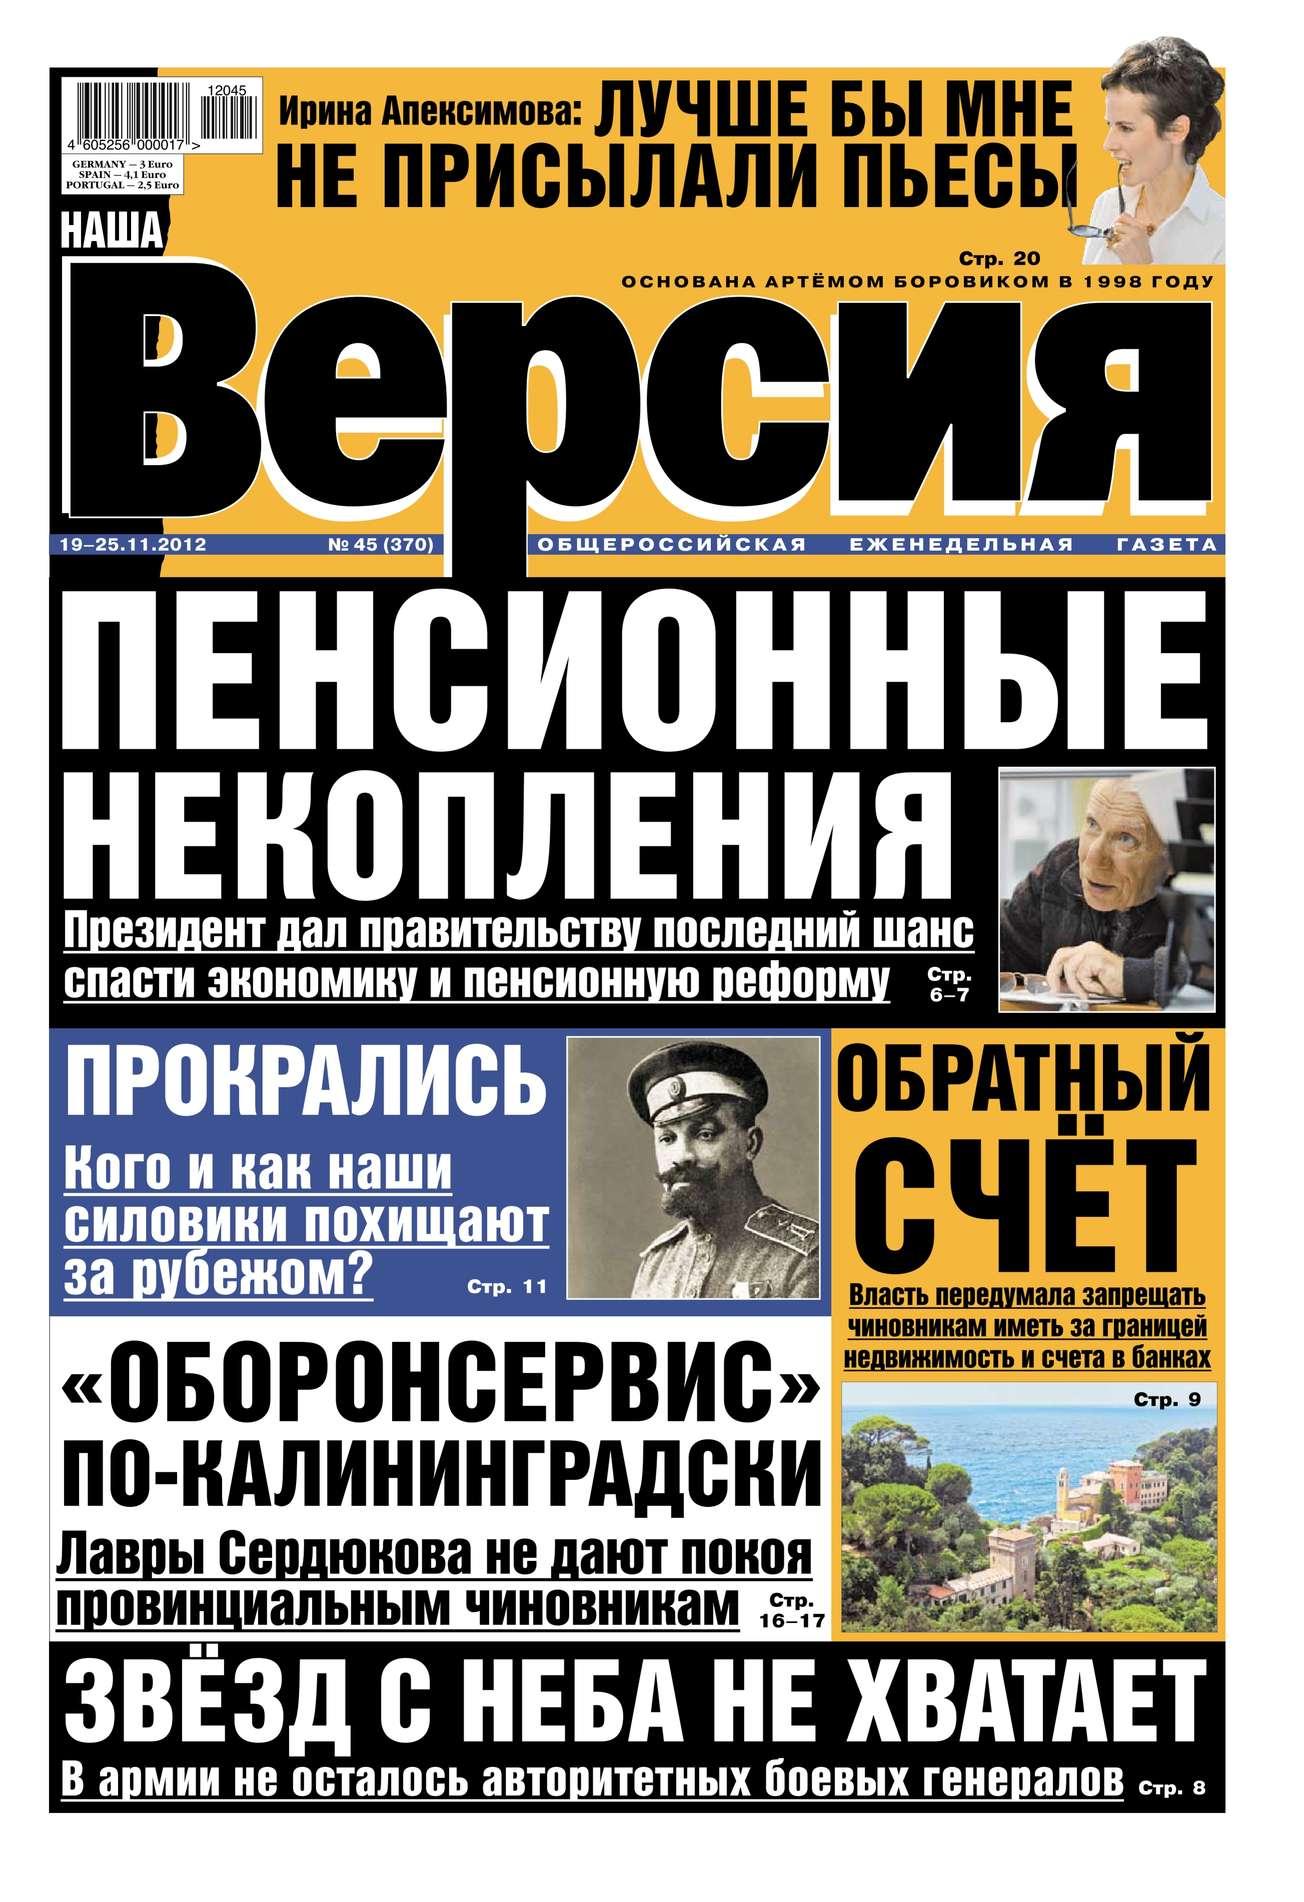 Редакция газеты Наша Версия Наша версия 45-11-2012 цена